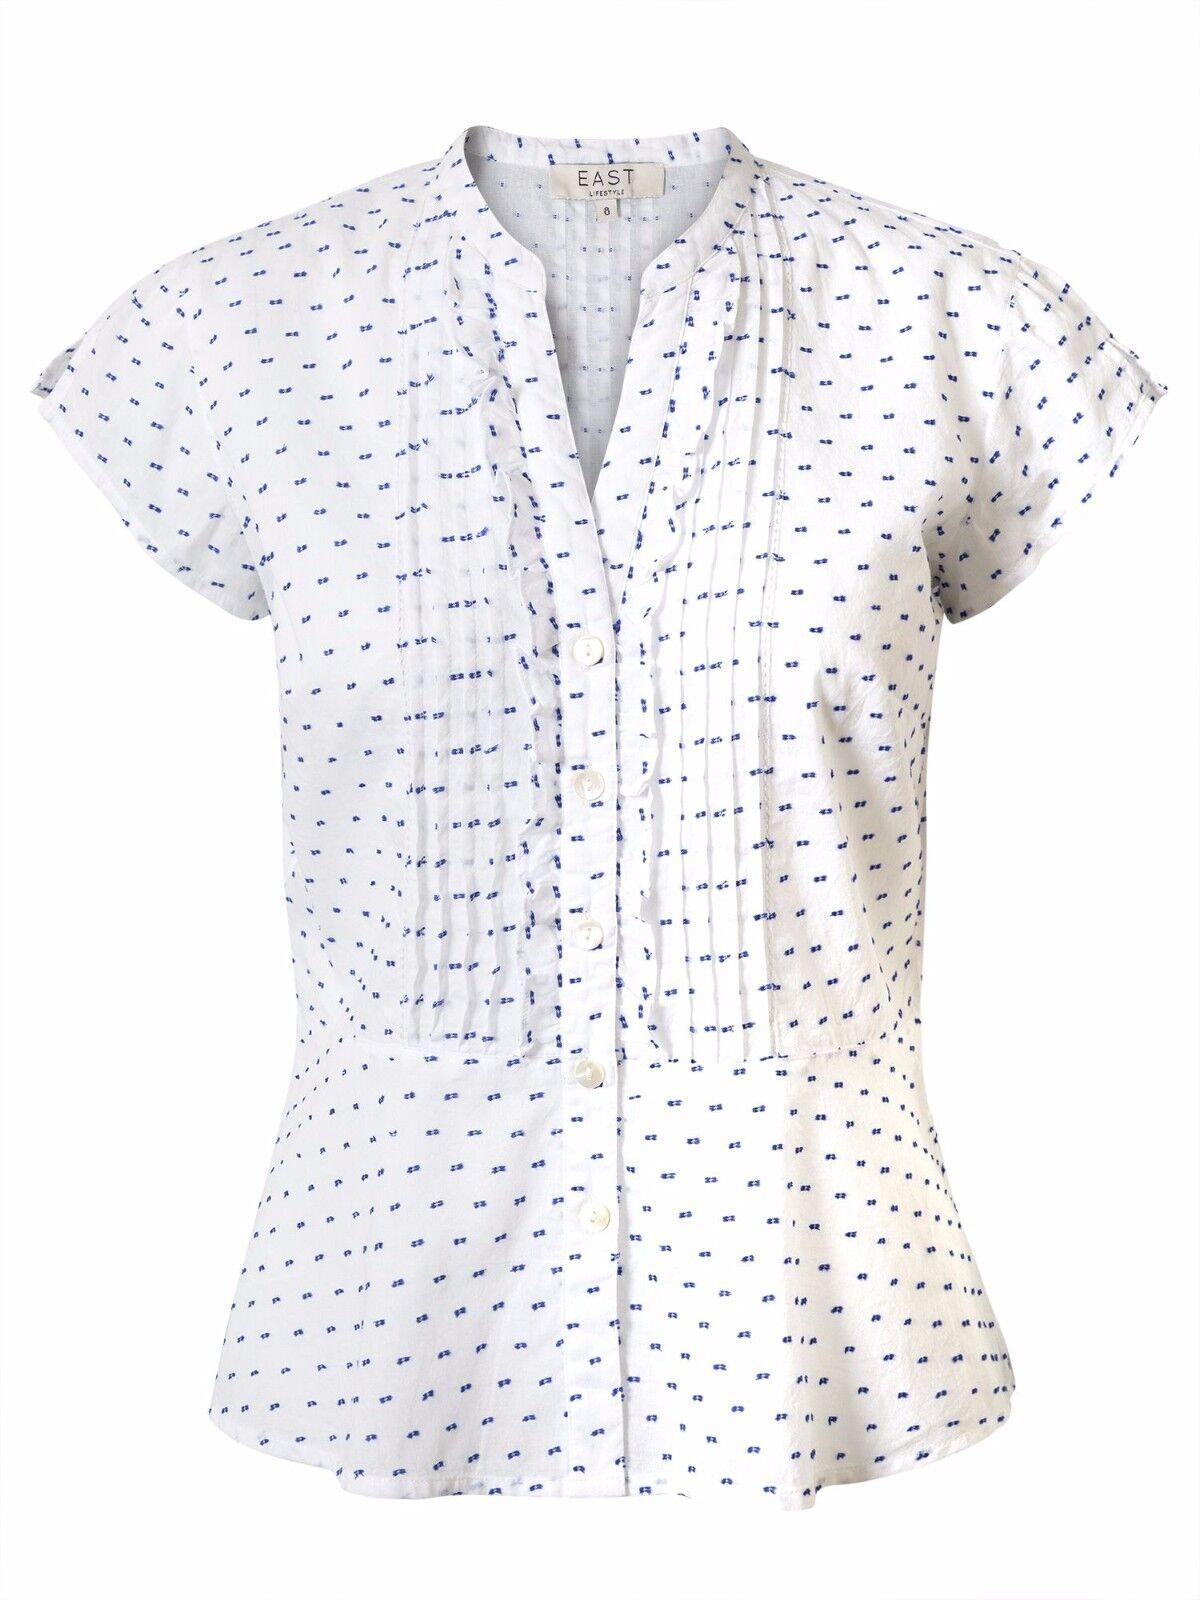 EAST EAST EAST Polka Dot Dobby shirt Bianca Taglia Uk 14 RRP  DH170 KK 05 5784cd